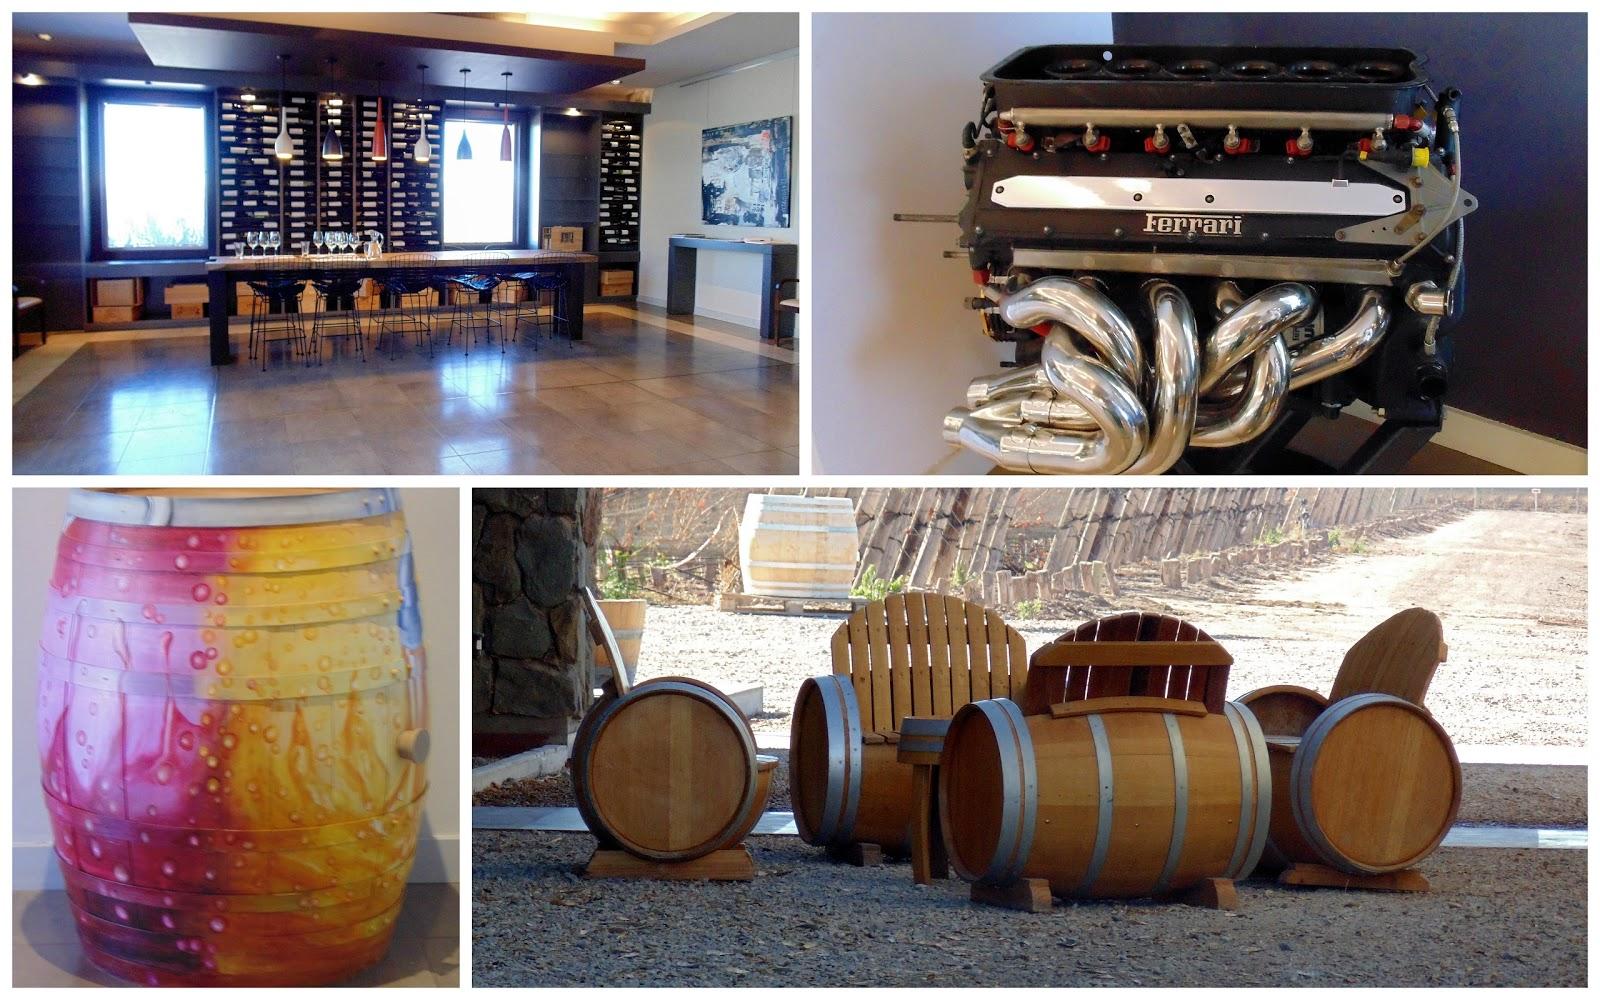 Vinarqu a blog de vinos argentinos nuestra visita a - Fotos de vinotecas ...